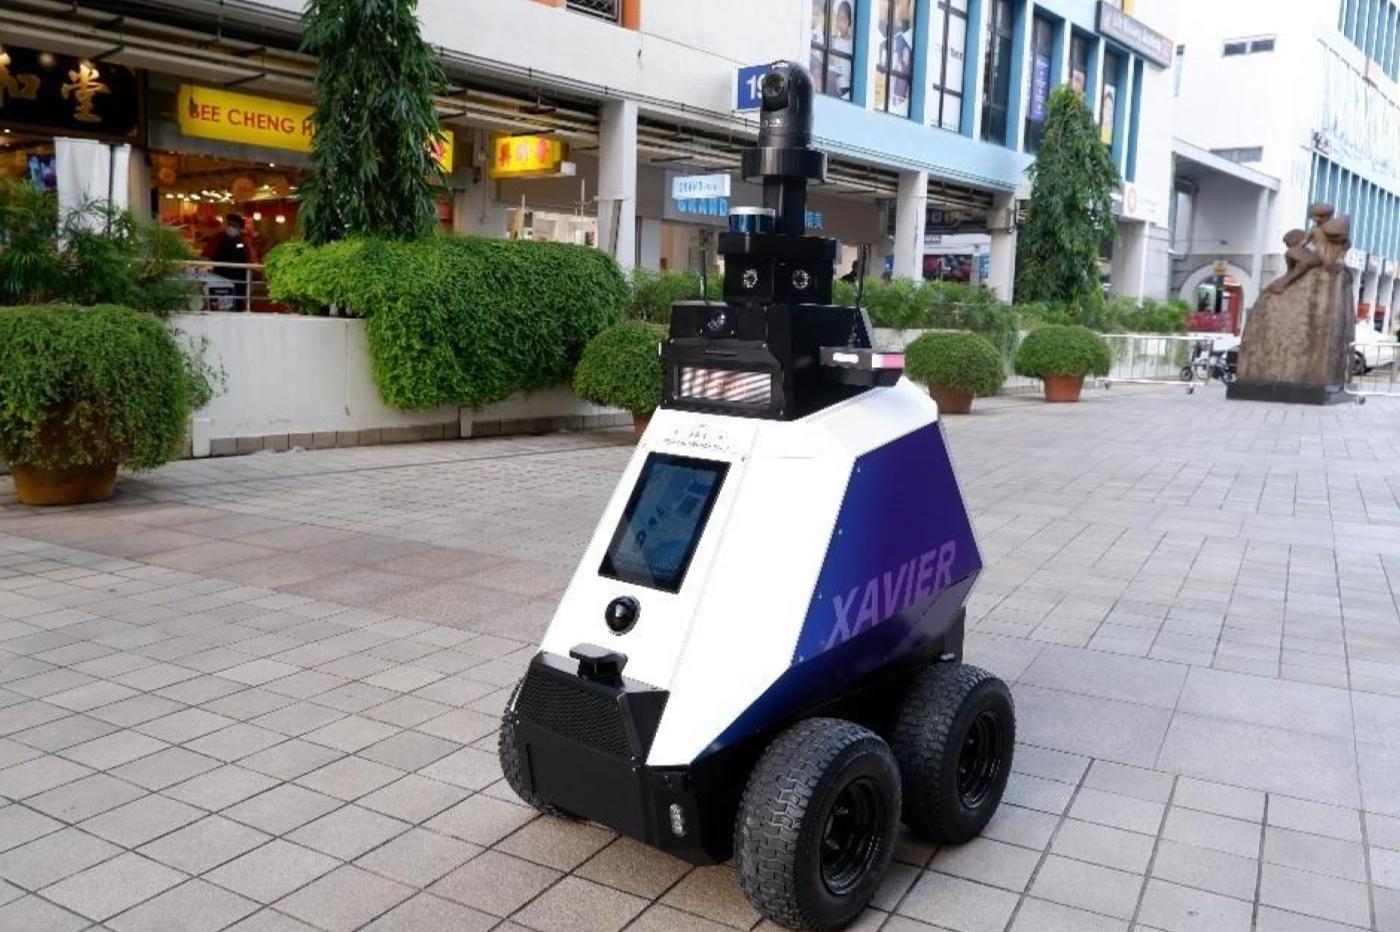 Des robots de patrouille vont chasser les incivilités dans les rues de Singapour